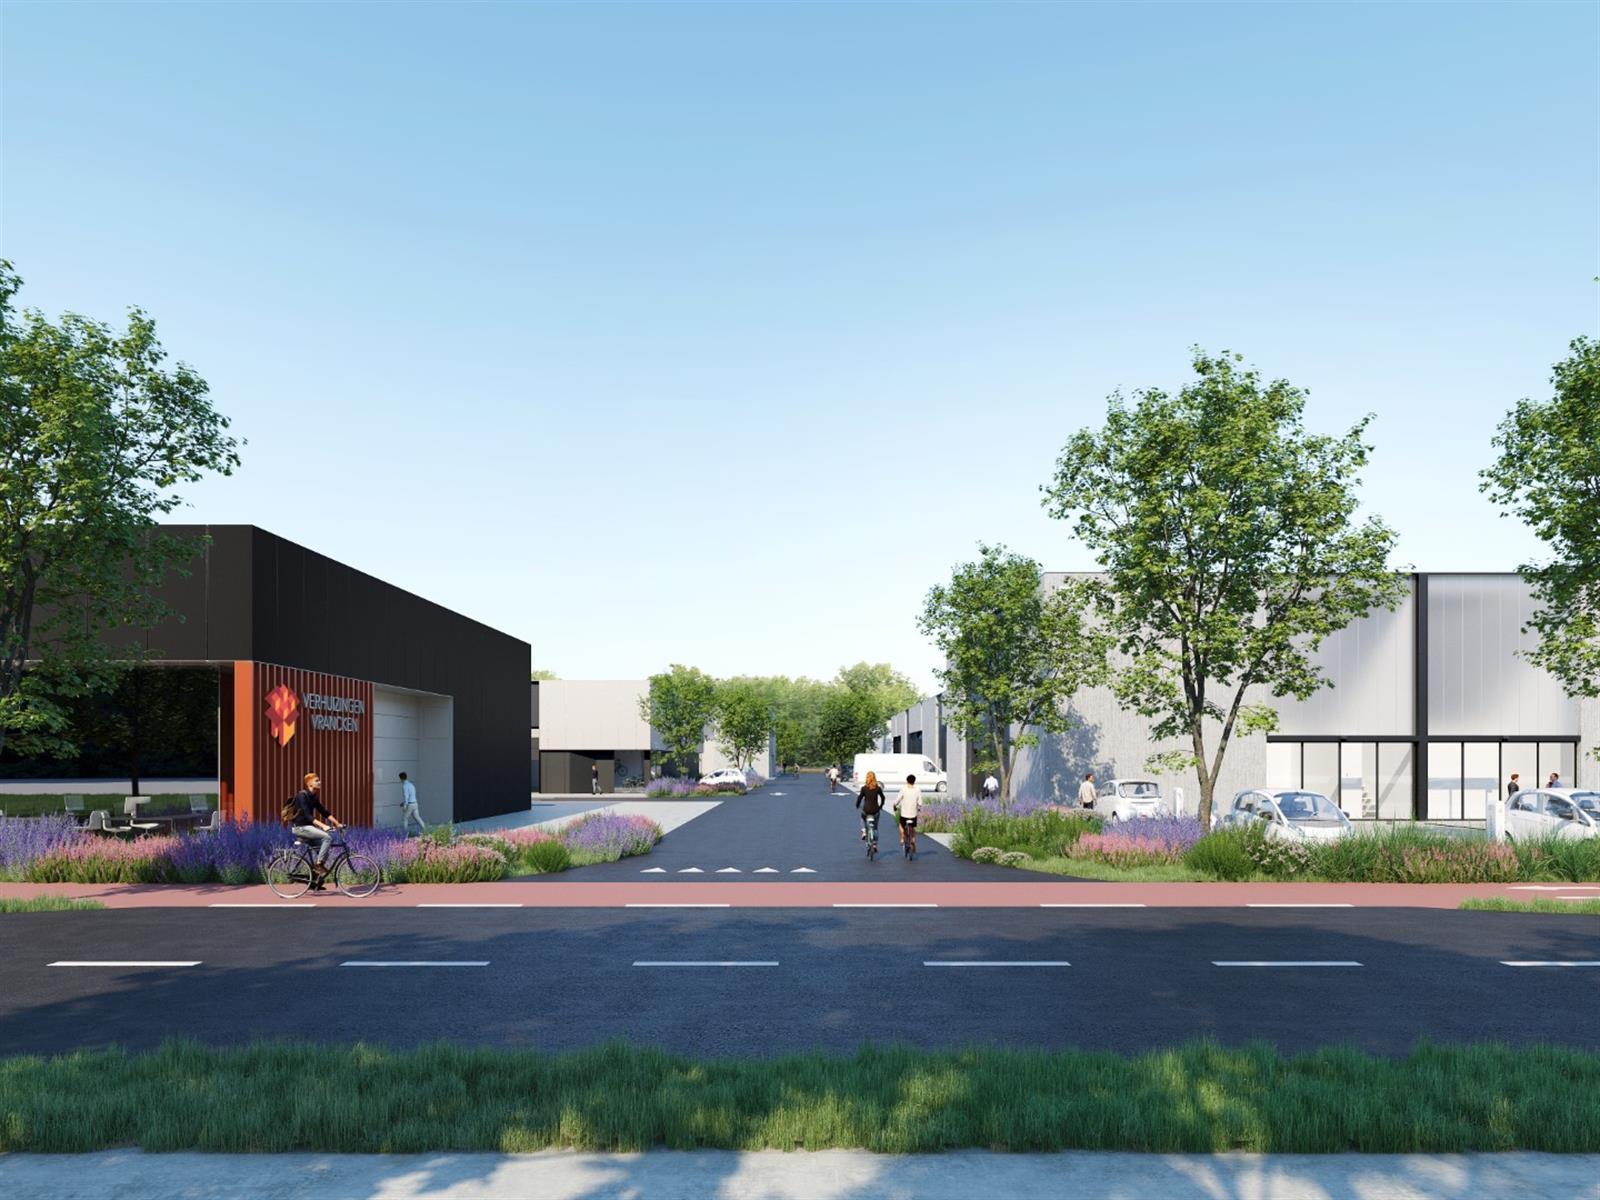 KMO-unit te koop Heros Businesspark KMO Unit 12 - Herkenrodesingel 10, 3500 Hasselt, België 5